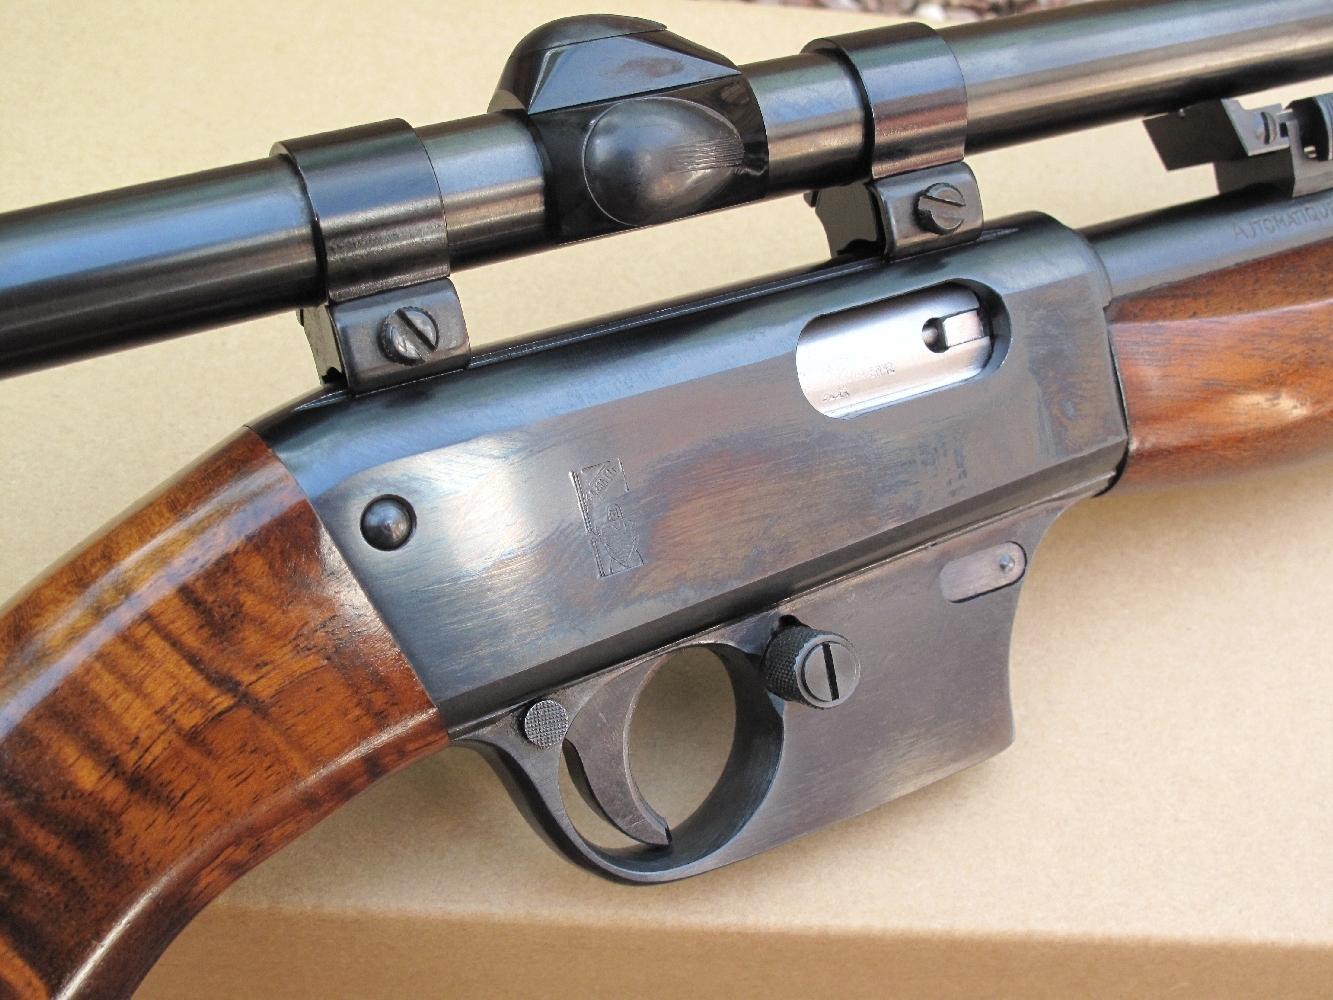 Cette carabine semi-automatique est alimentée par des chargeurs amovibles de 5 ou 10 coups.